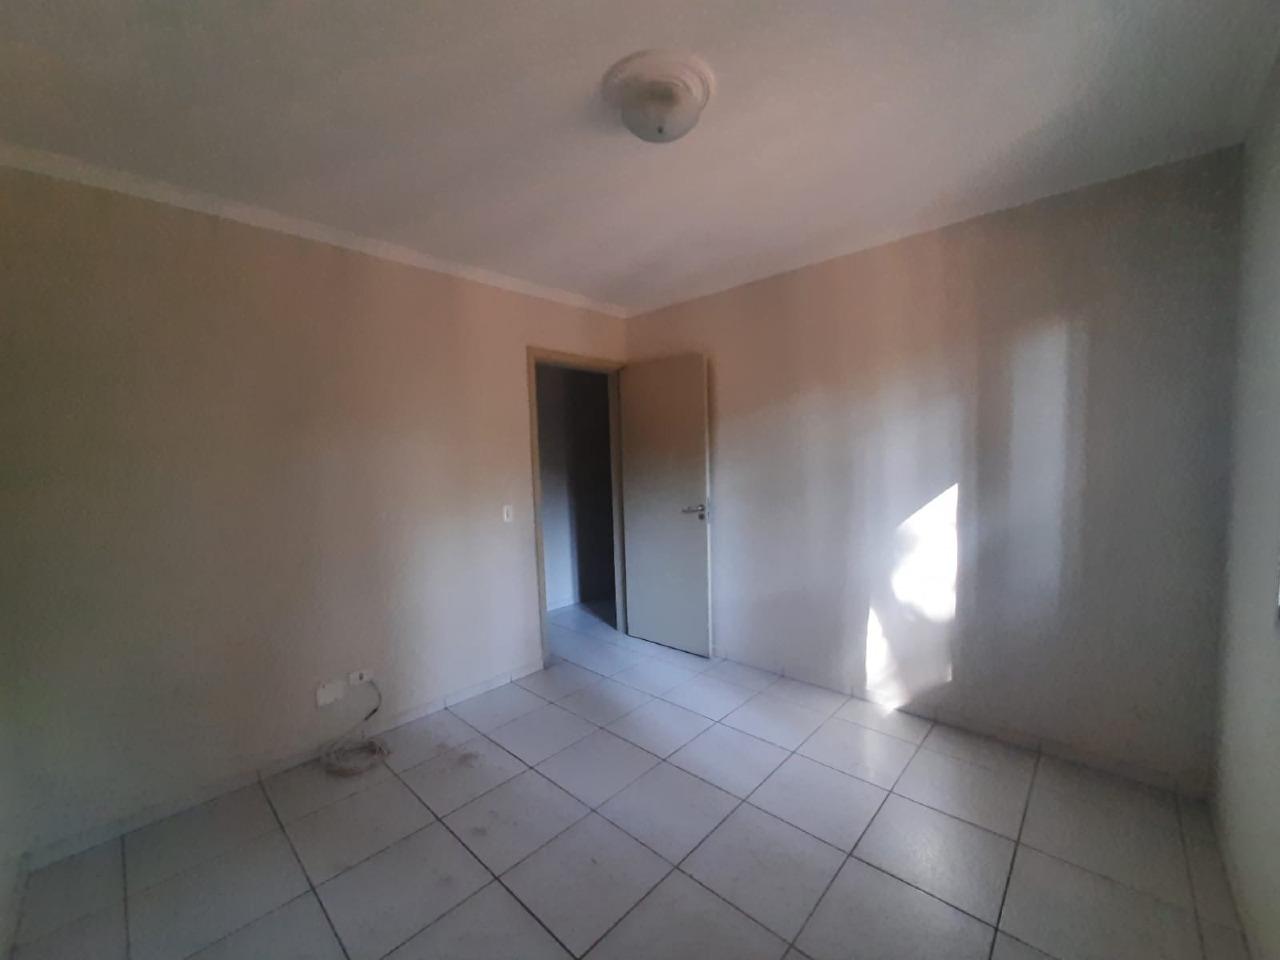 Apartamento para comprar, 2 quartos, 1 vaga, no bairro Jardim Nova Iguaçu em Piracicaba - SP